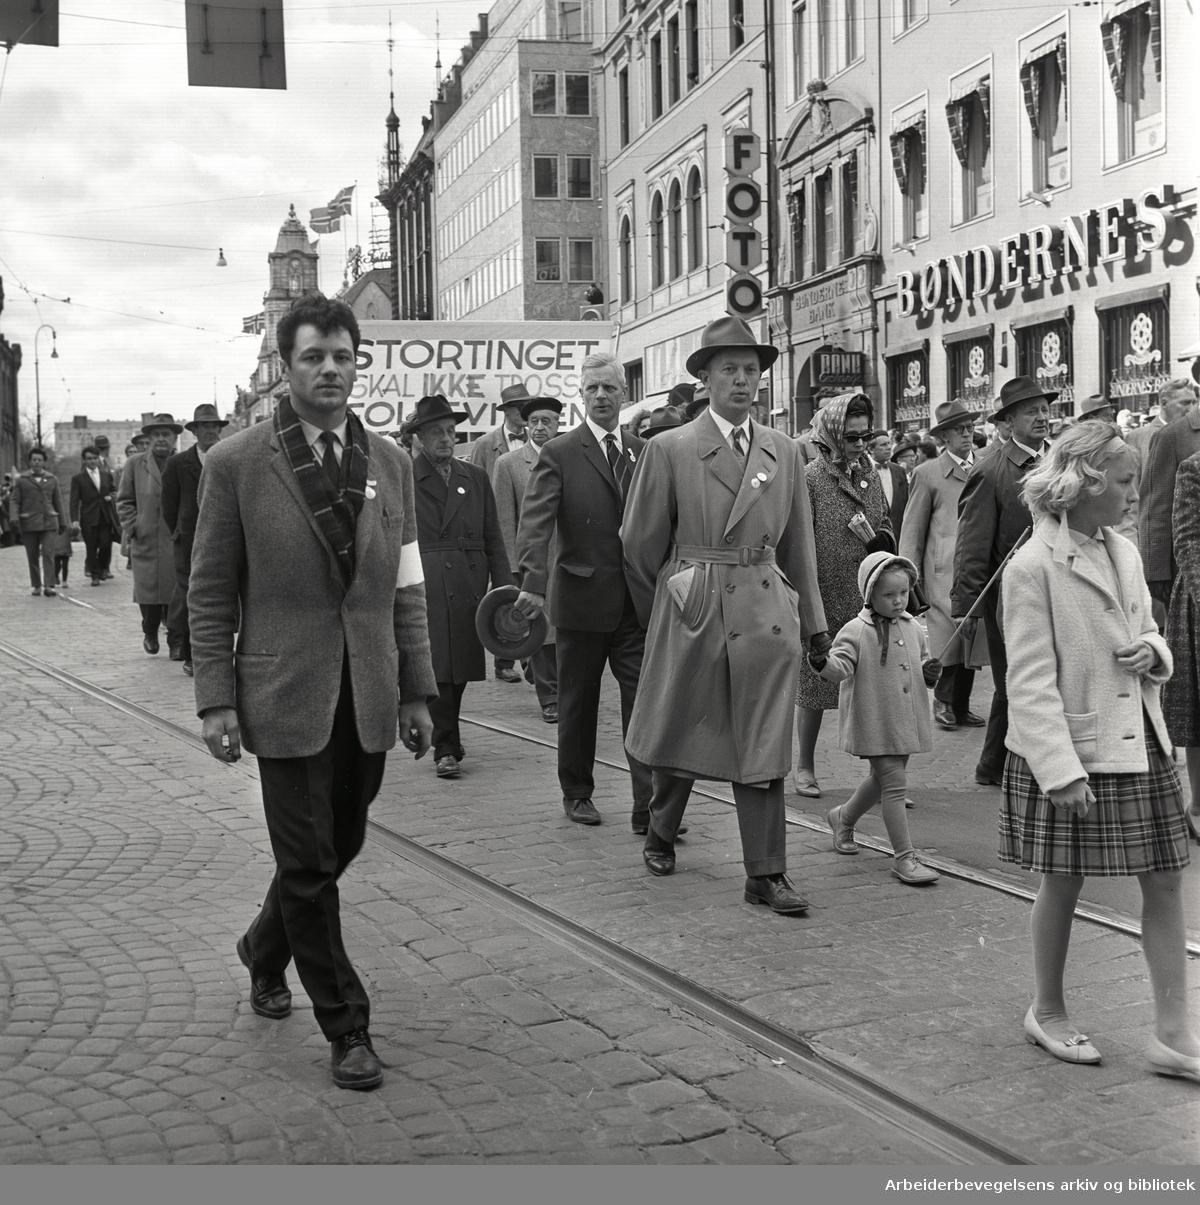 """1. mai 1962 i Oslo.Demonstrasjonstog arrangert av """"Faglig aksjon mot Fellesmarkedet"""" med støtte fra Sosialistisk Folkeparti (SF) og Norges kommunistiske parti (NKP)..Parole: Stortinget skal ikke trosse folkeviljen."""